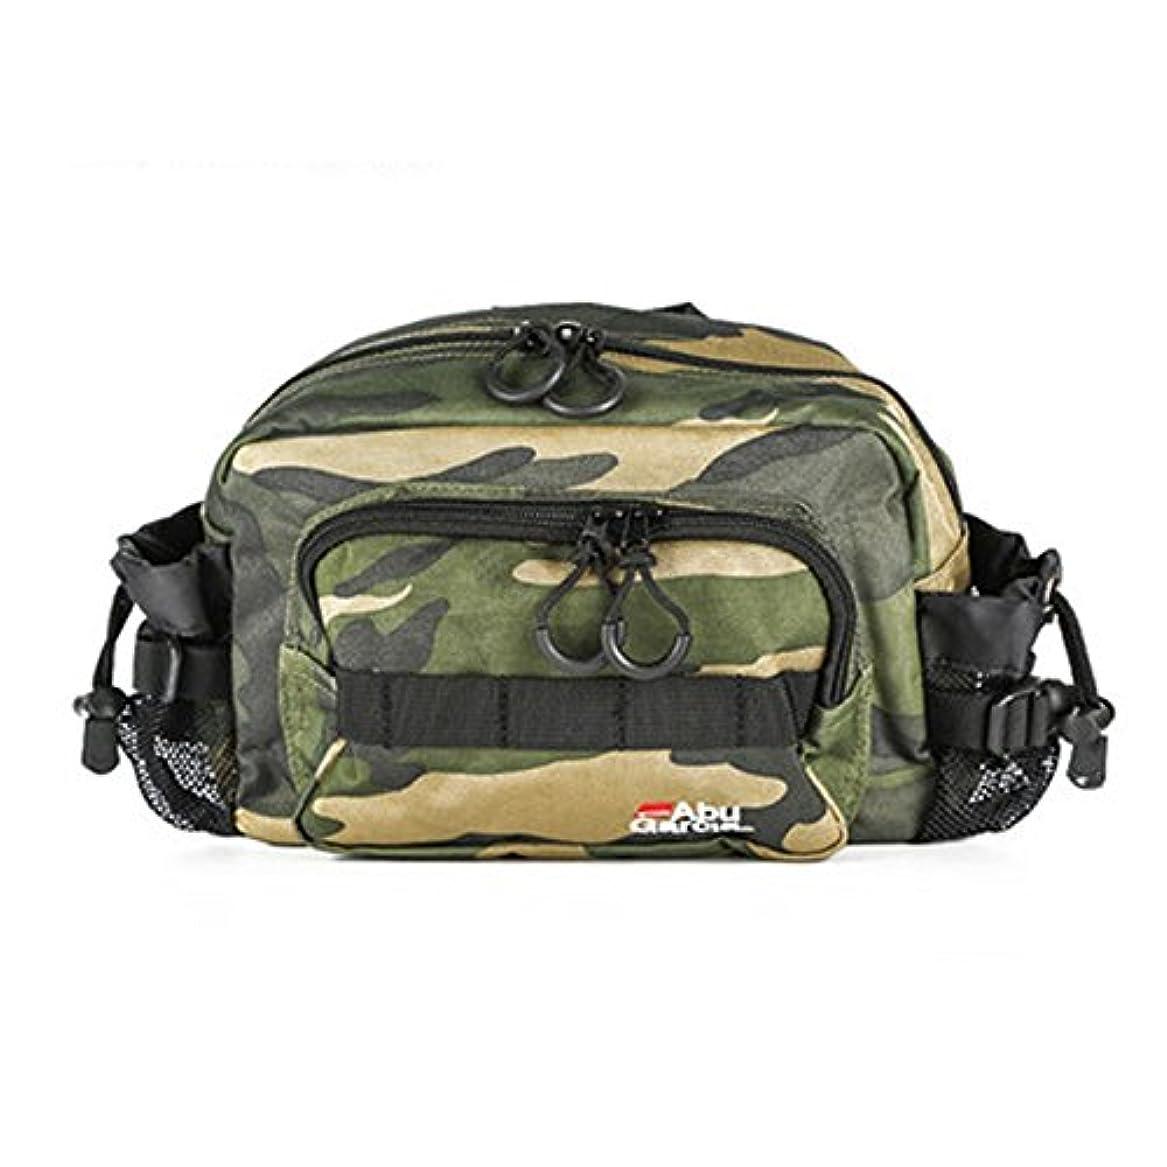 の頭の上発見するマングルOchoos 600D ポリエステル防水フィッシングウエストバッグ 多機能釣りバッグ タックル 2色 タックルボックス バッグ